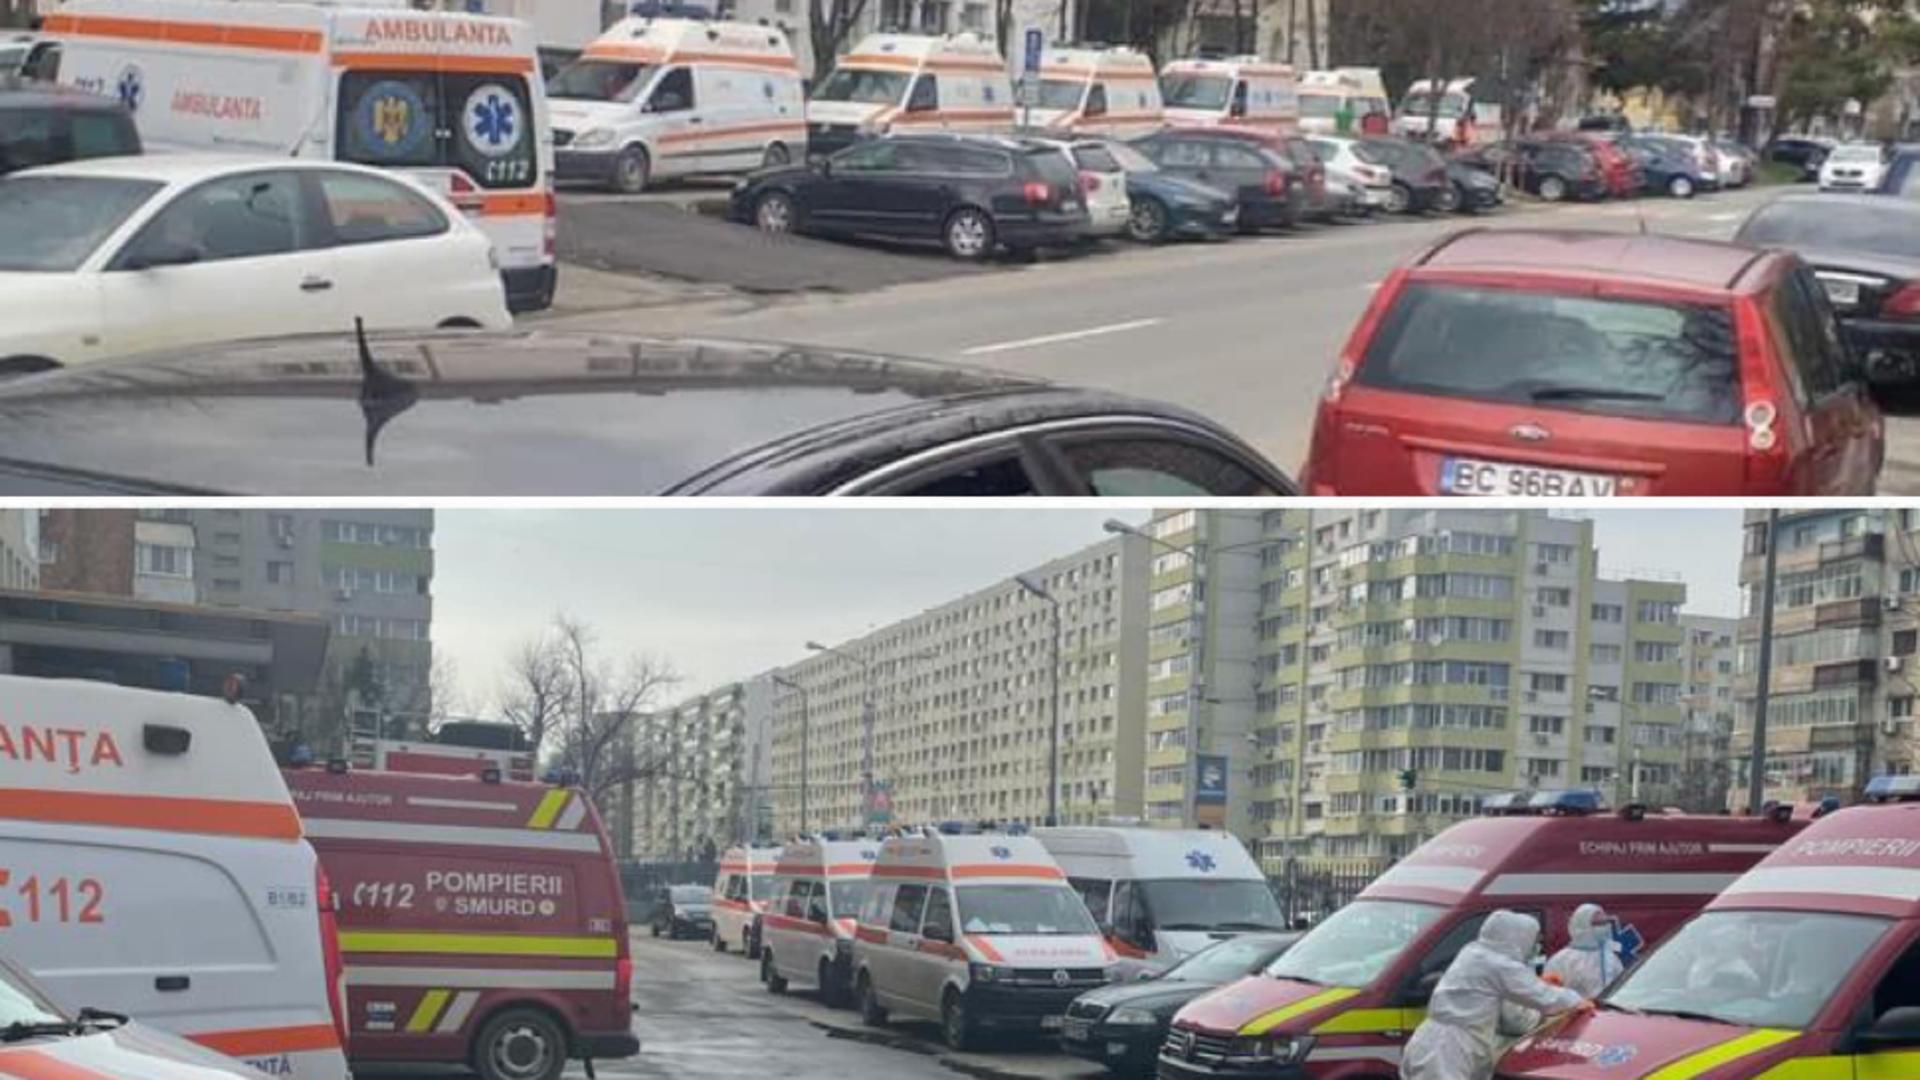 Coadă ambulanțe Spital Boli Infecțioase Brașov / Foto: Facebook Vlad Voiculescu